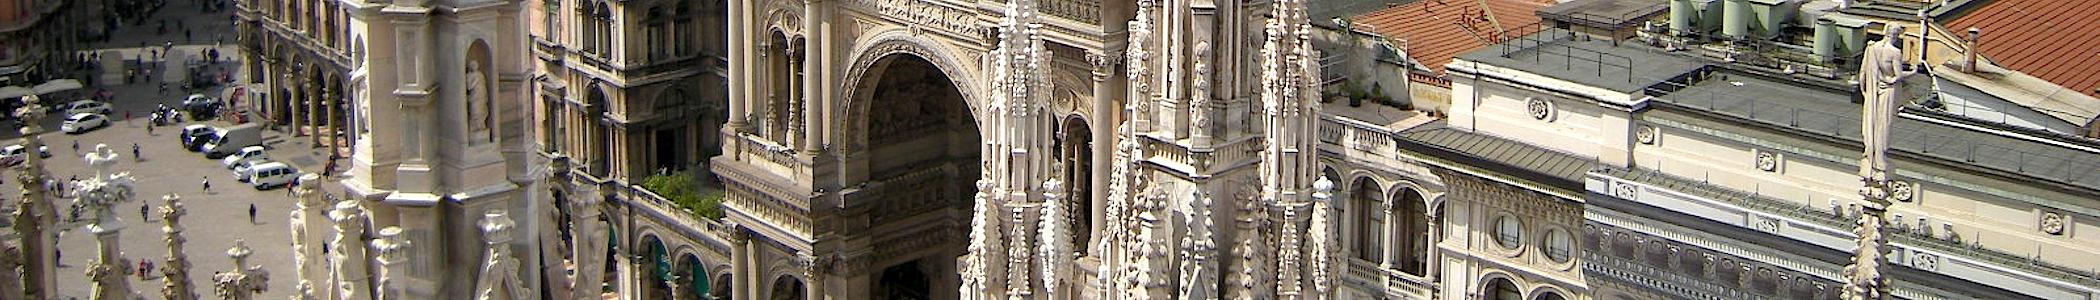 Centro storico di Milano - Wikivoyage, guida turistica di viaggio